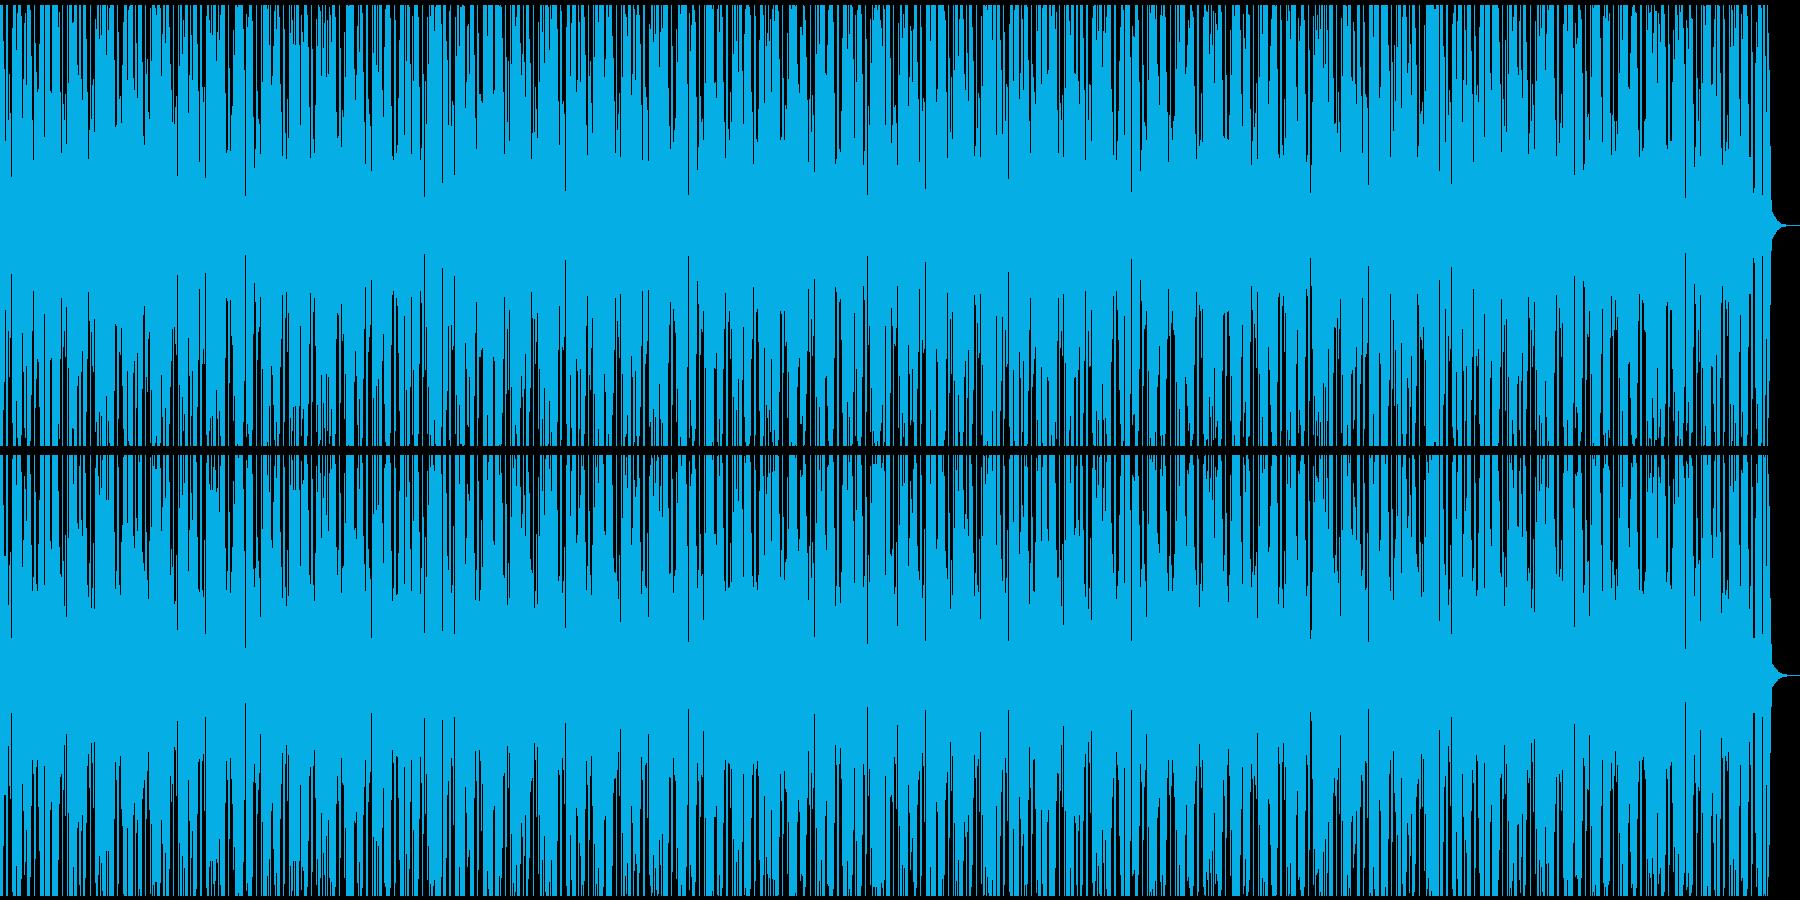 ブレイクビーツ多用のHiphop風の再生済みの波形